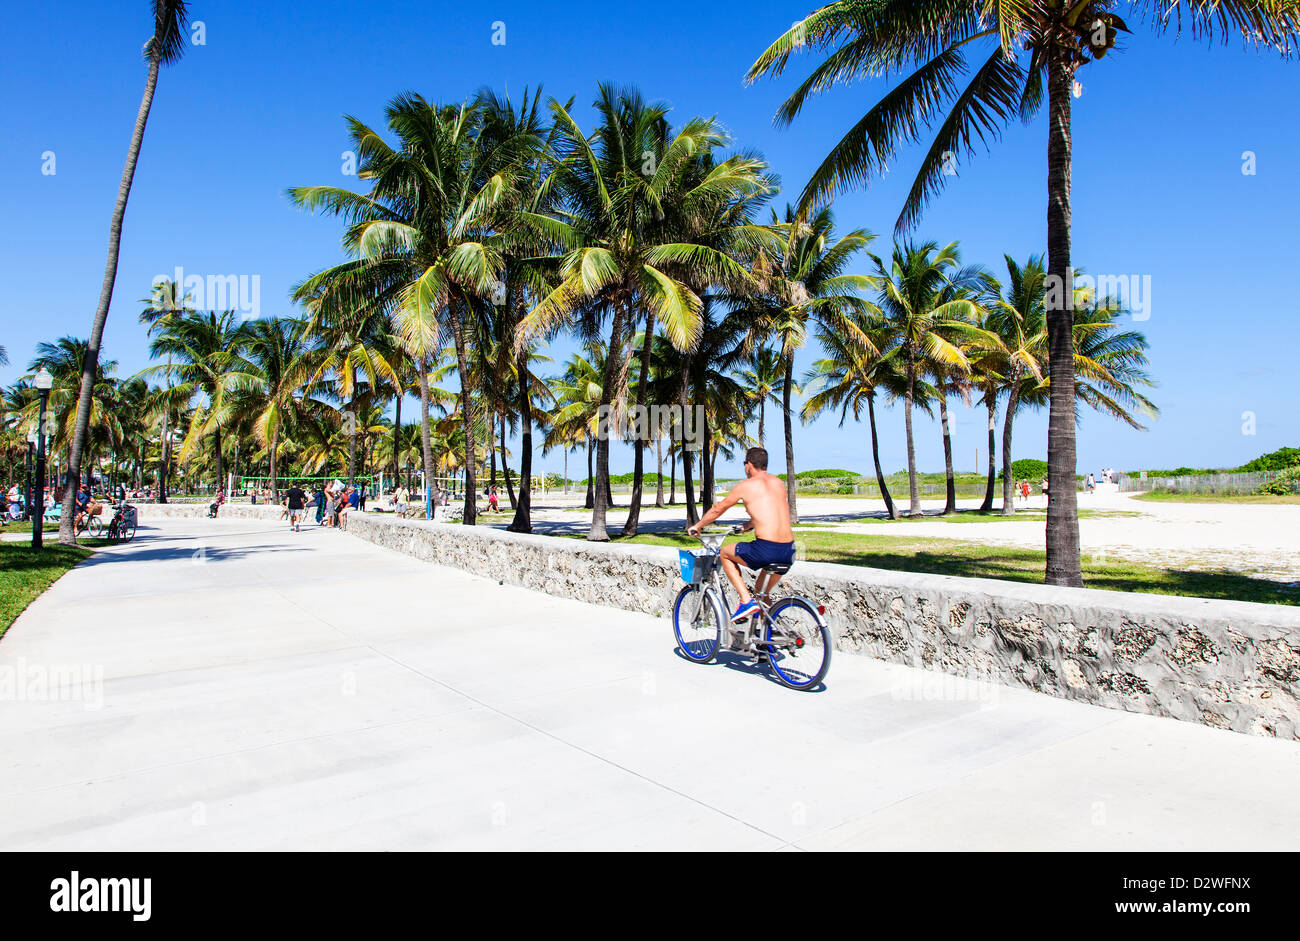 Lummus Park, Miami Beach, USA - Stock Image